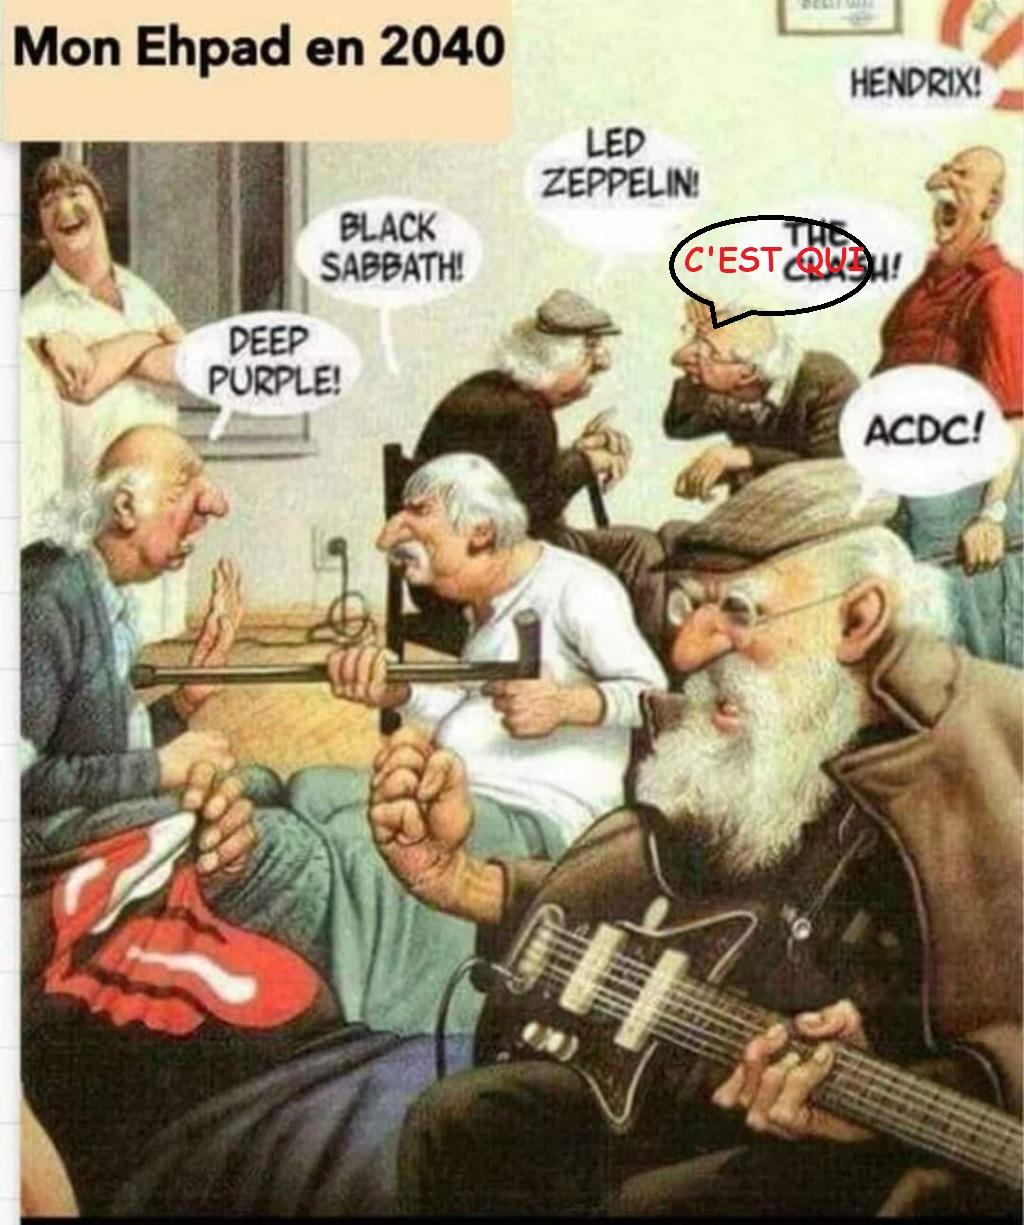 Humour en image du Forum Passion-Harley  ... - Page 4 Sans_t15